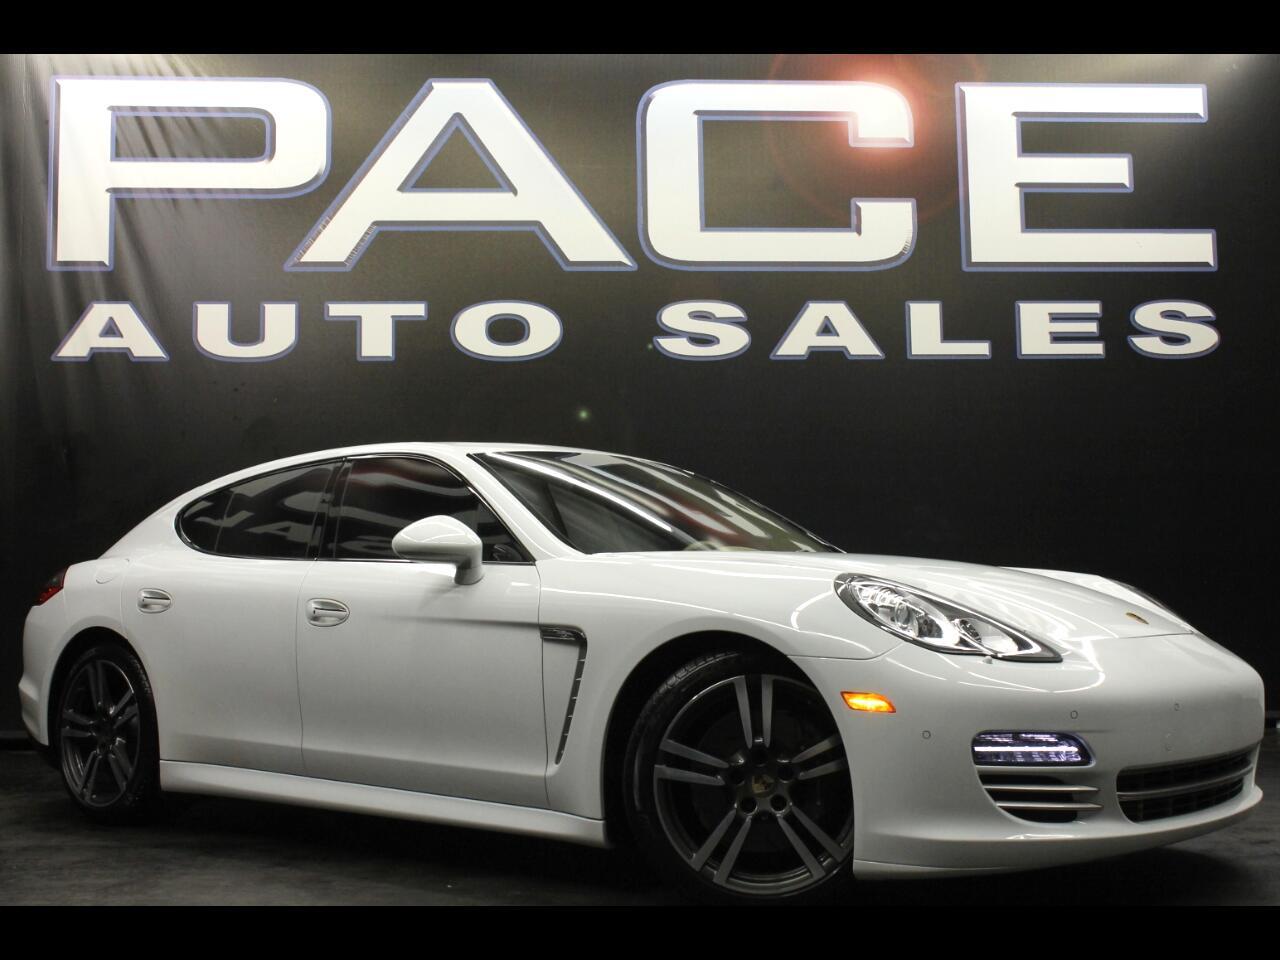 2013 Porsche Panamera 4dr HB Platinum Edition